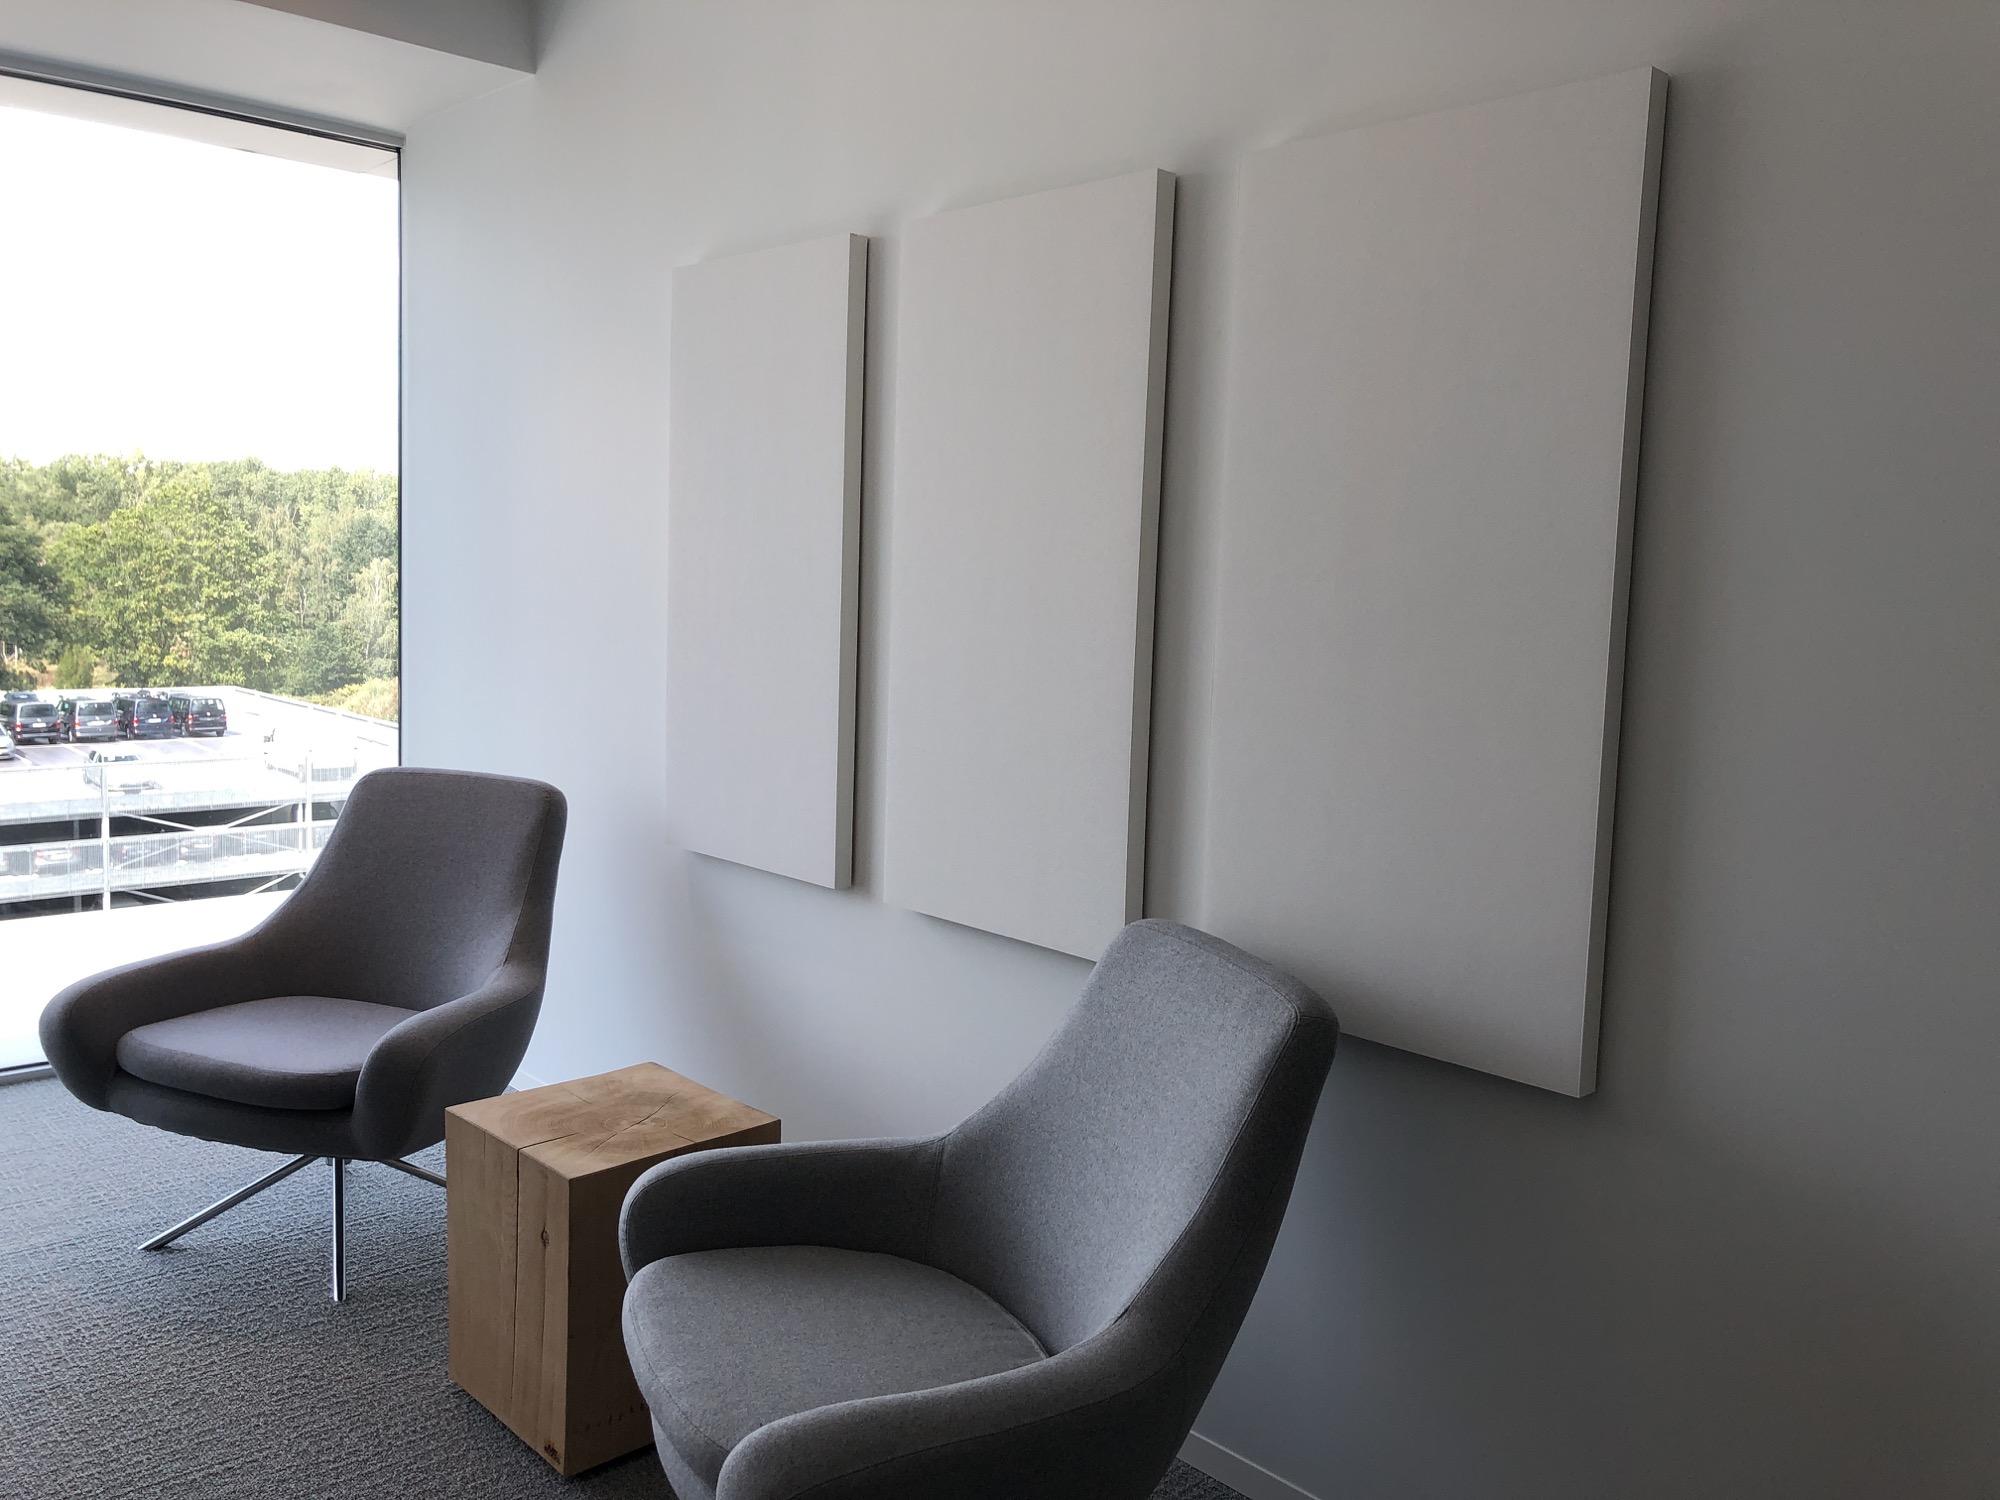 Akoestisch wit canvas tegen de muur